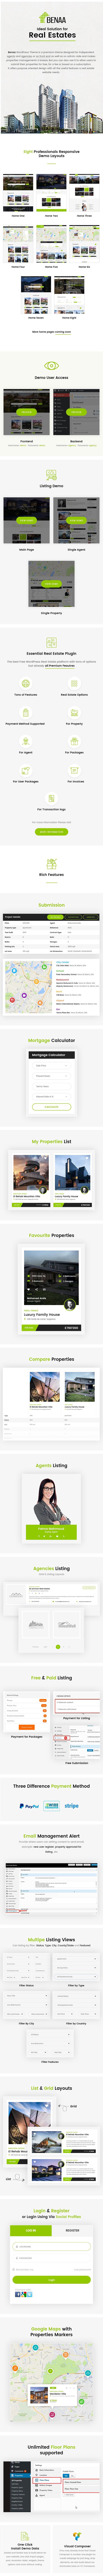 Benaa - Real Estate WordPress Theme - 9